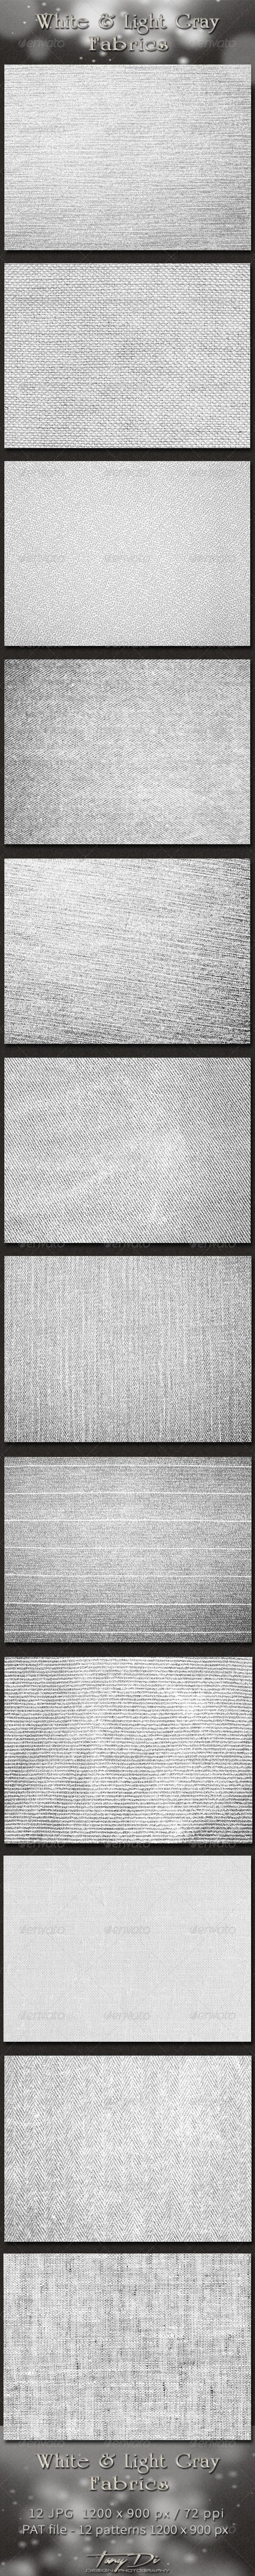 GraphicRiver White and Light Gray Fabrics 4373180